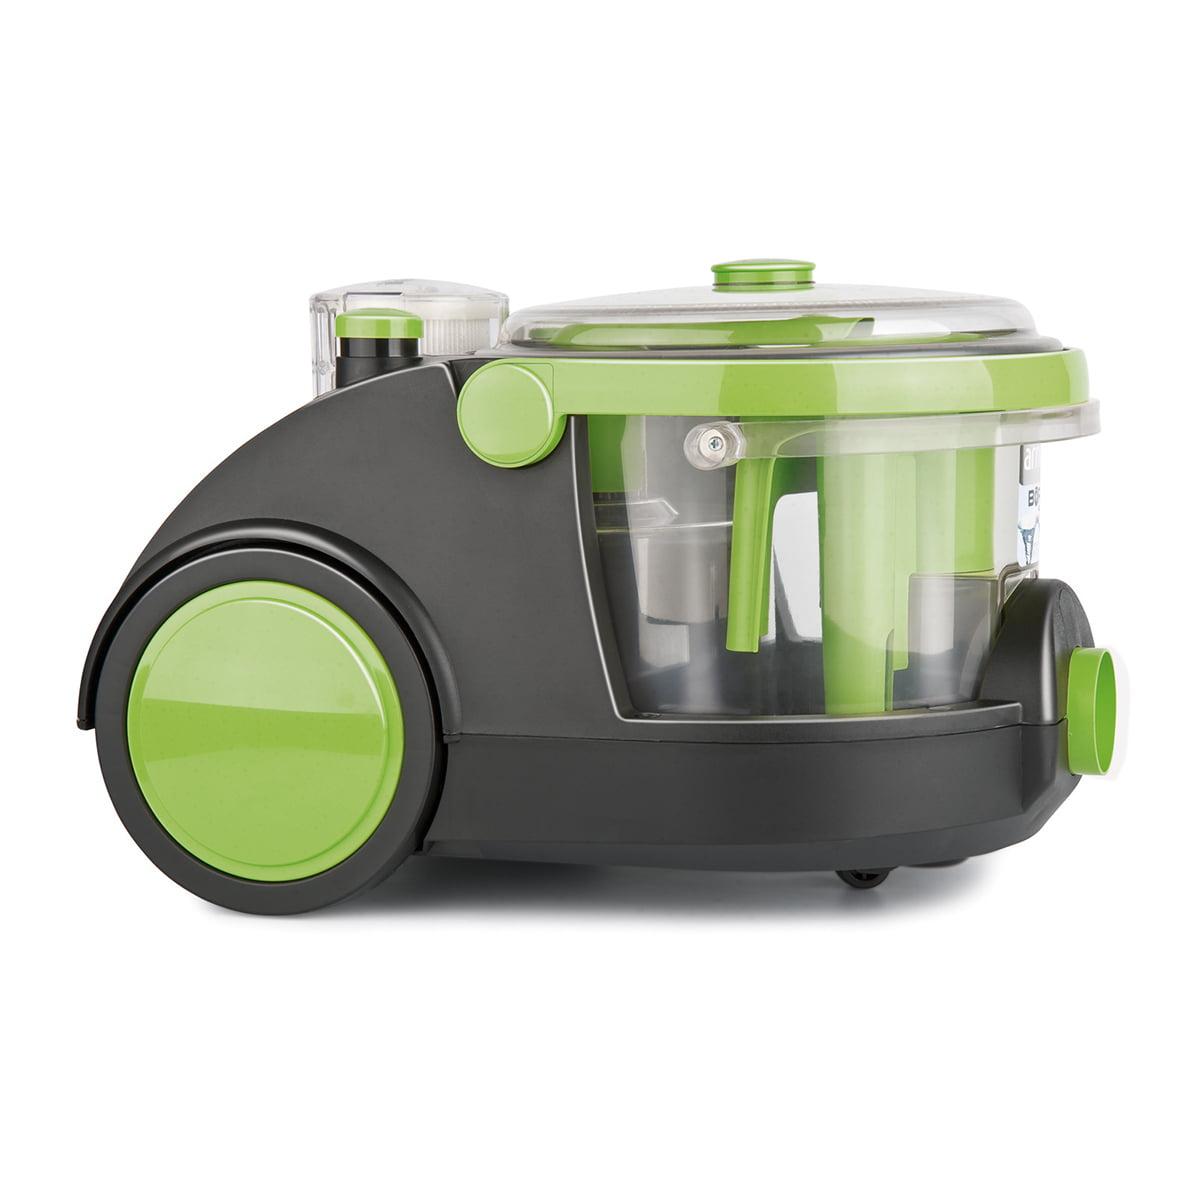 Usisivač sa vodenim filterom - Bora 4000 4